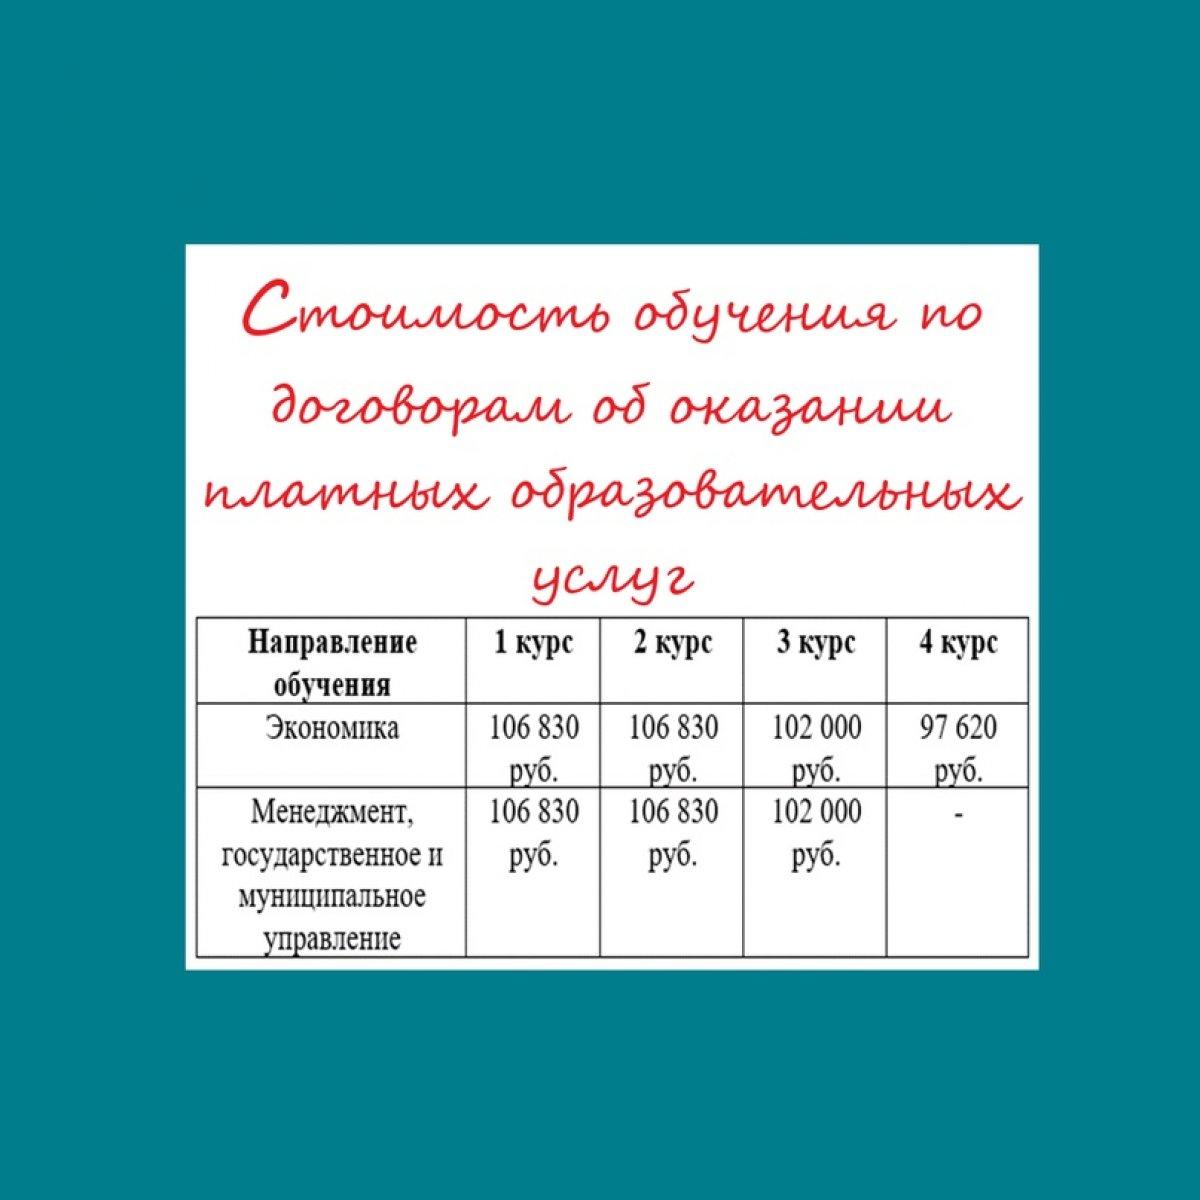 Дорогие друзья, в Ярославском филиале Финуниверситета утверждена стоимость обучения по договорам об оказании платных образовательных услуг очной формы обучения